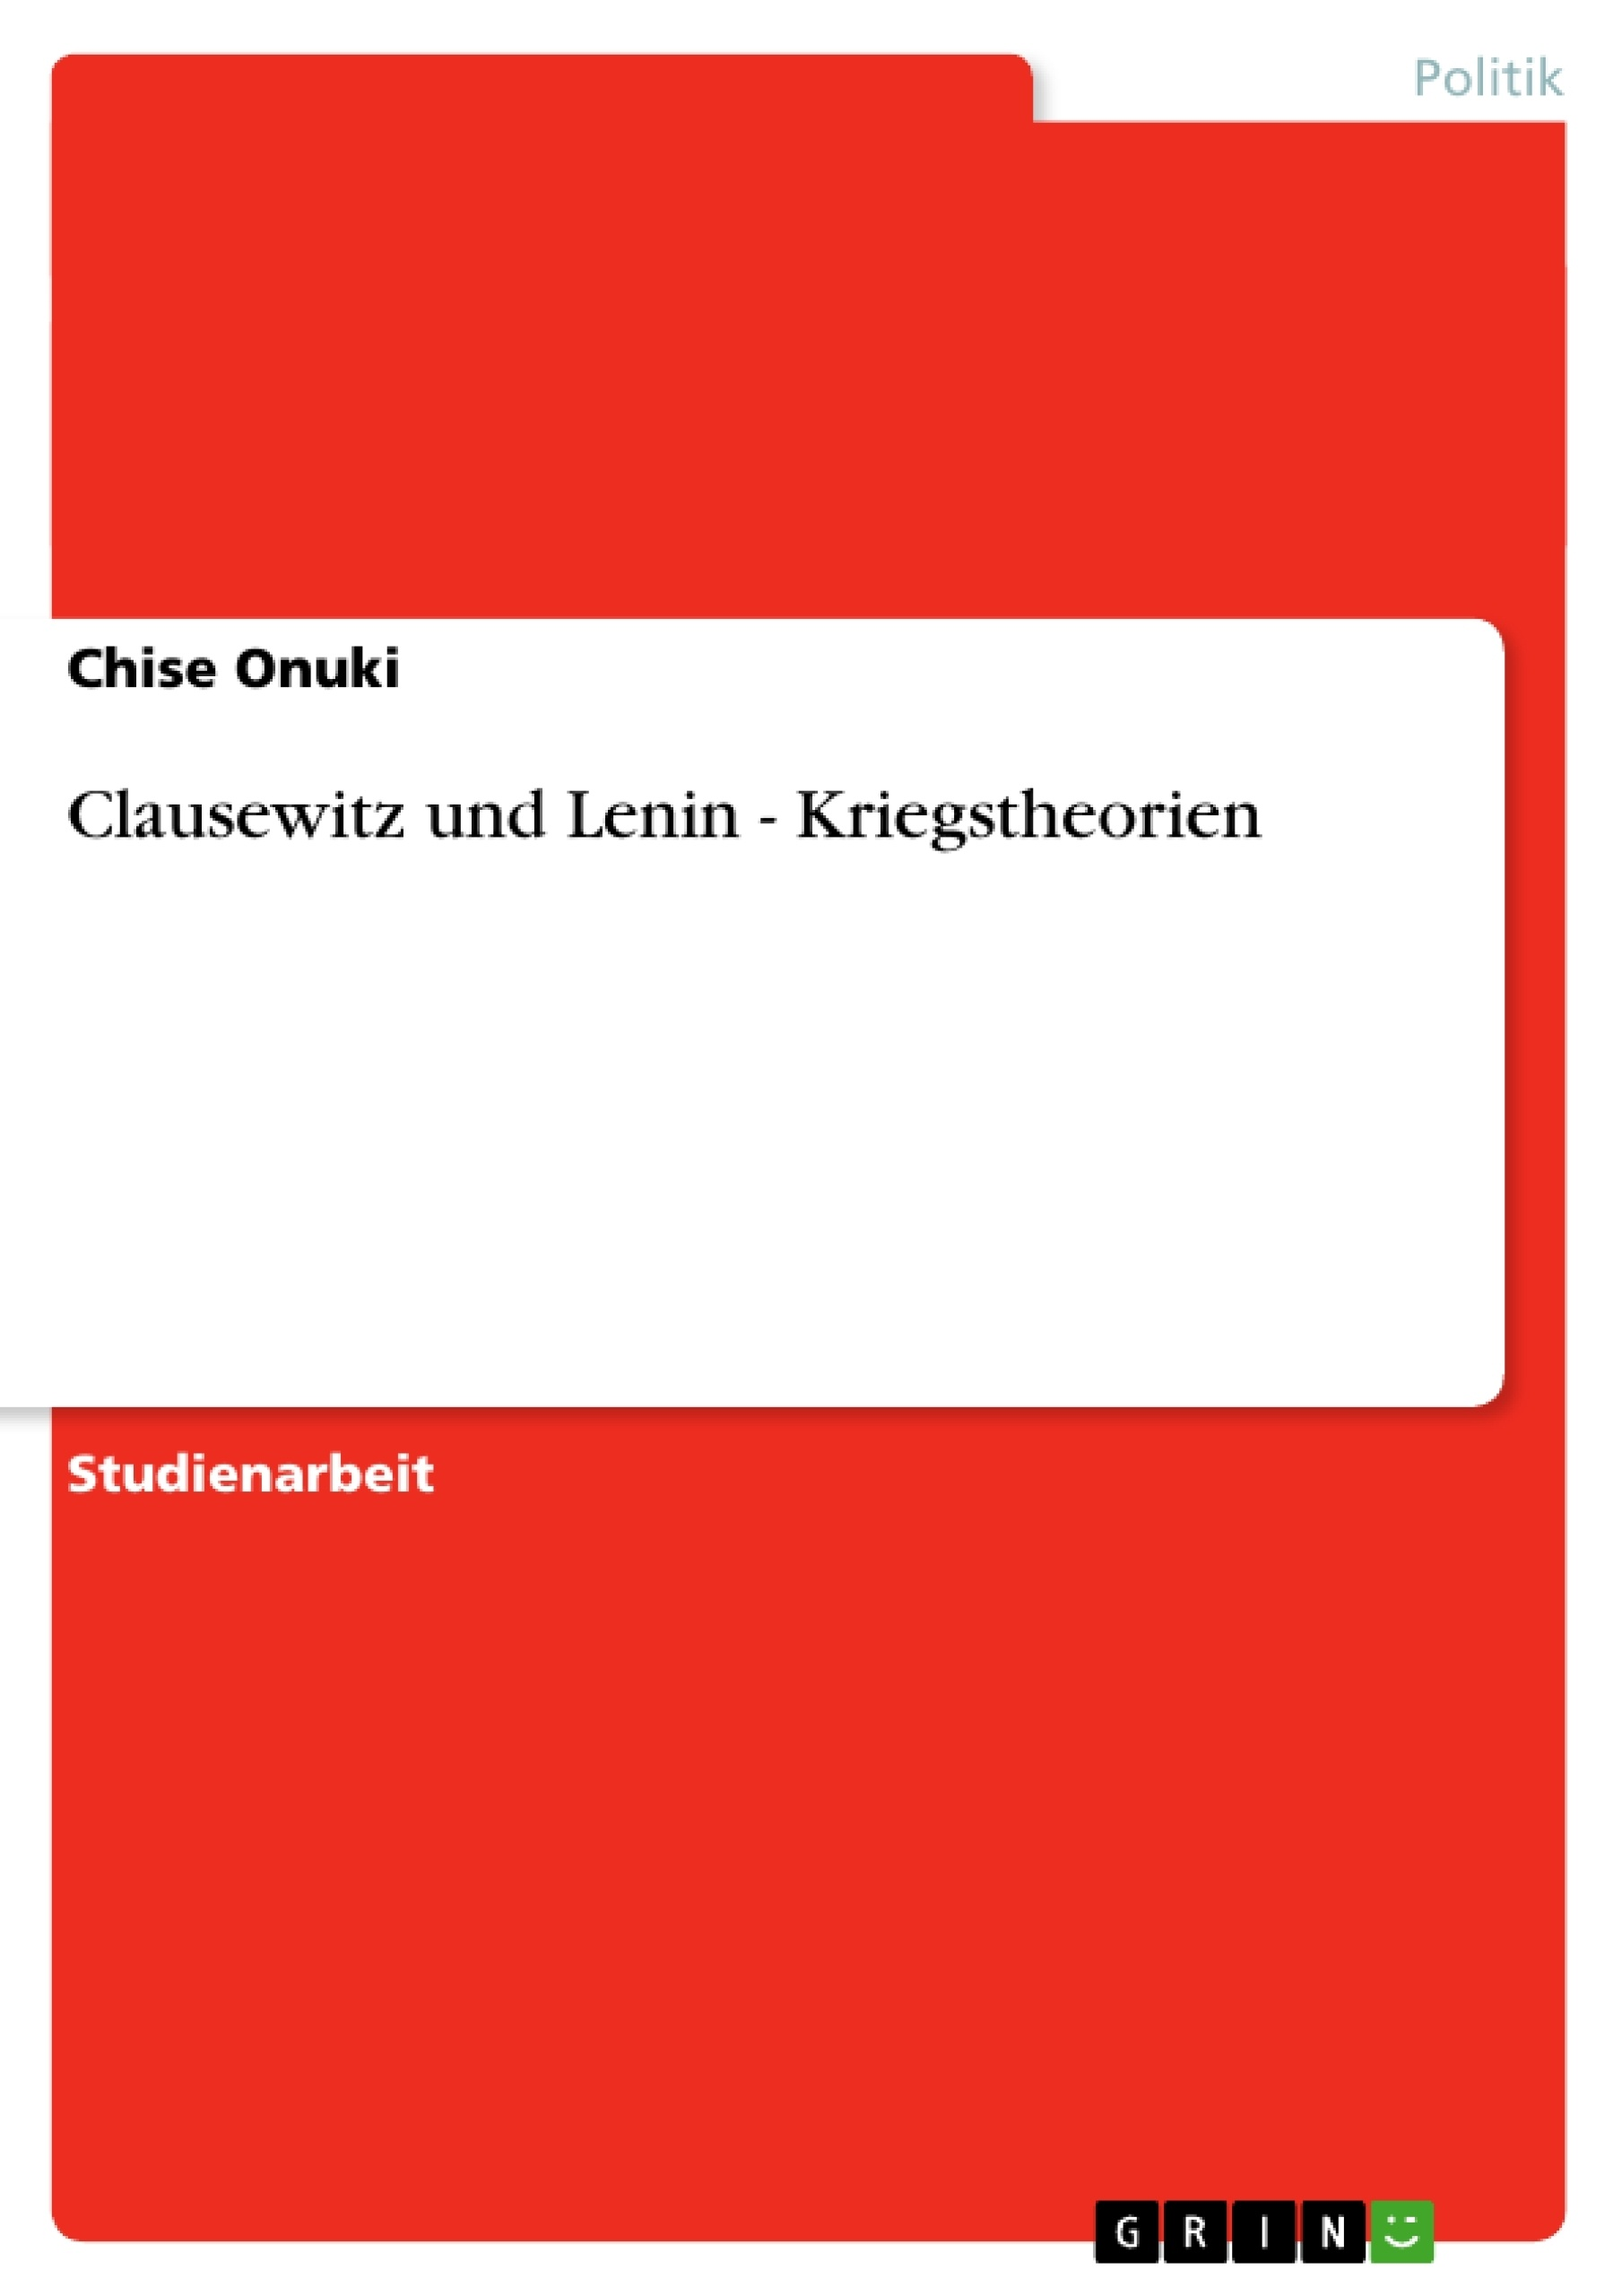 Titel: Clausewitz und Lenin - Kriegstheorien